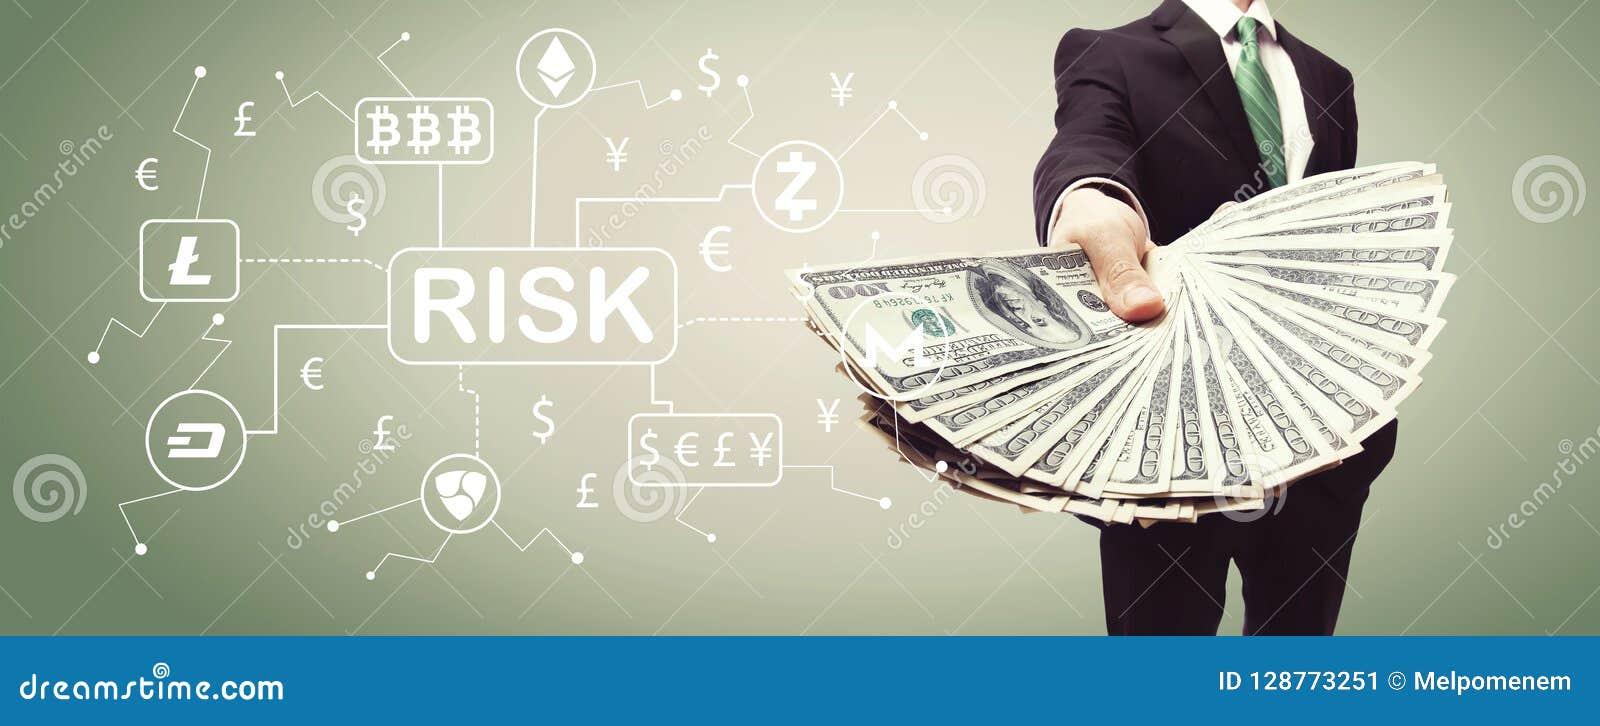 Cryptocurrency ICO risktema med affärsmannen med kassa